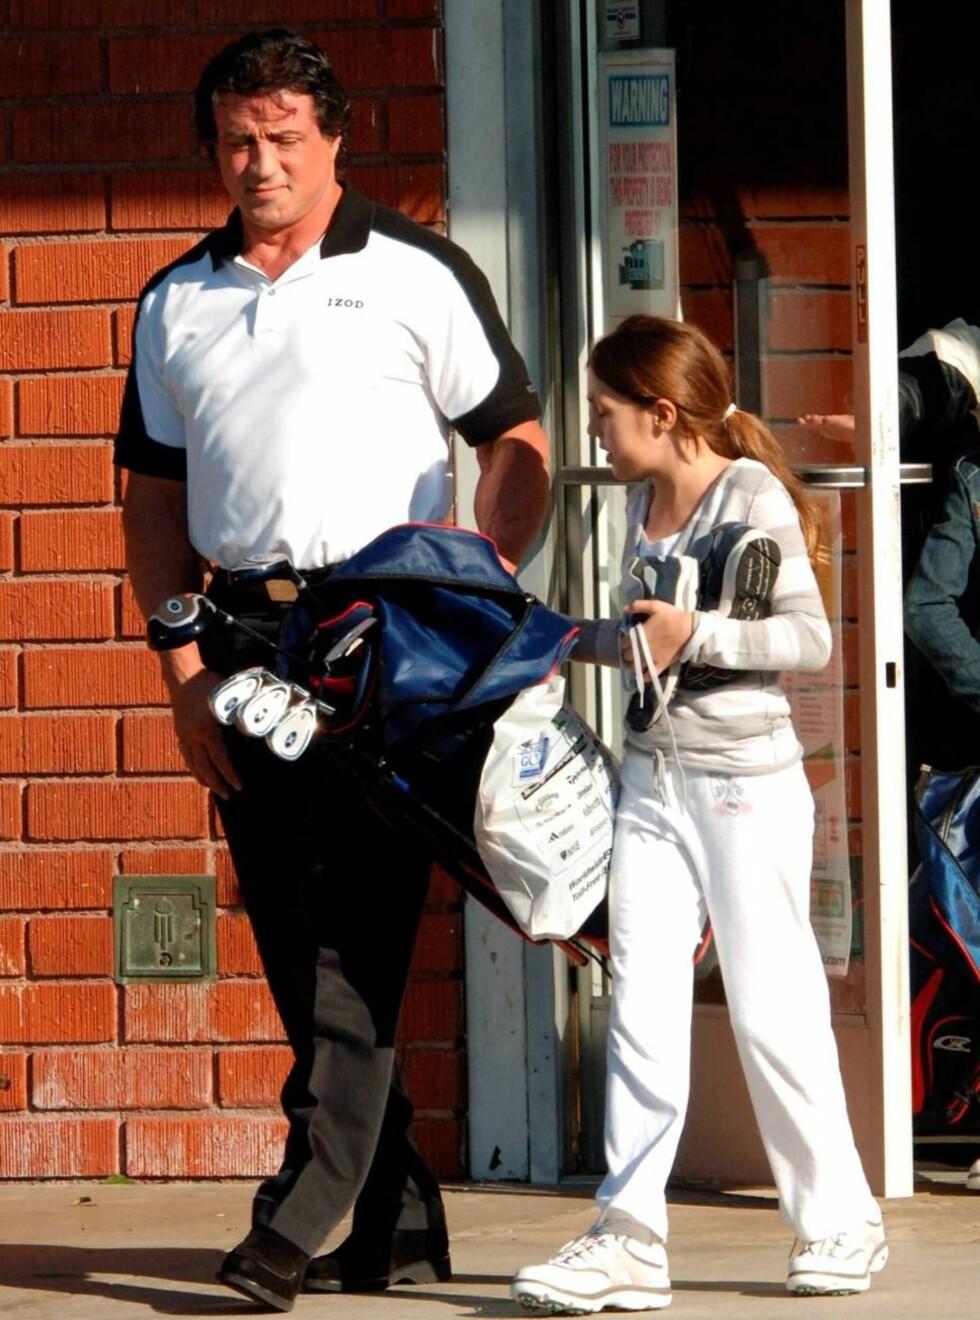 SPORTSPAPPA: Sly kjøper golfutstyr til døtrene, men ikke til seg selv. Foto: All Over Press